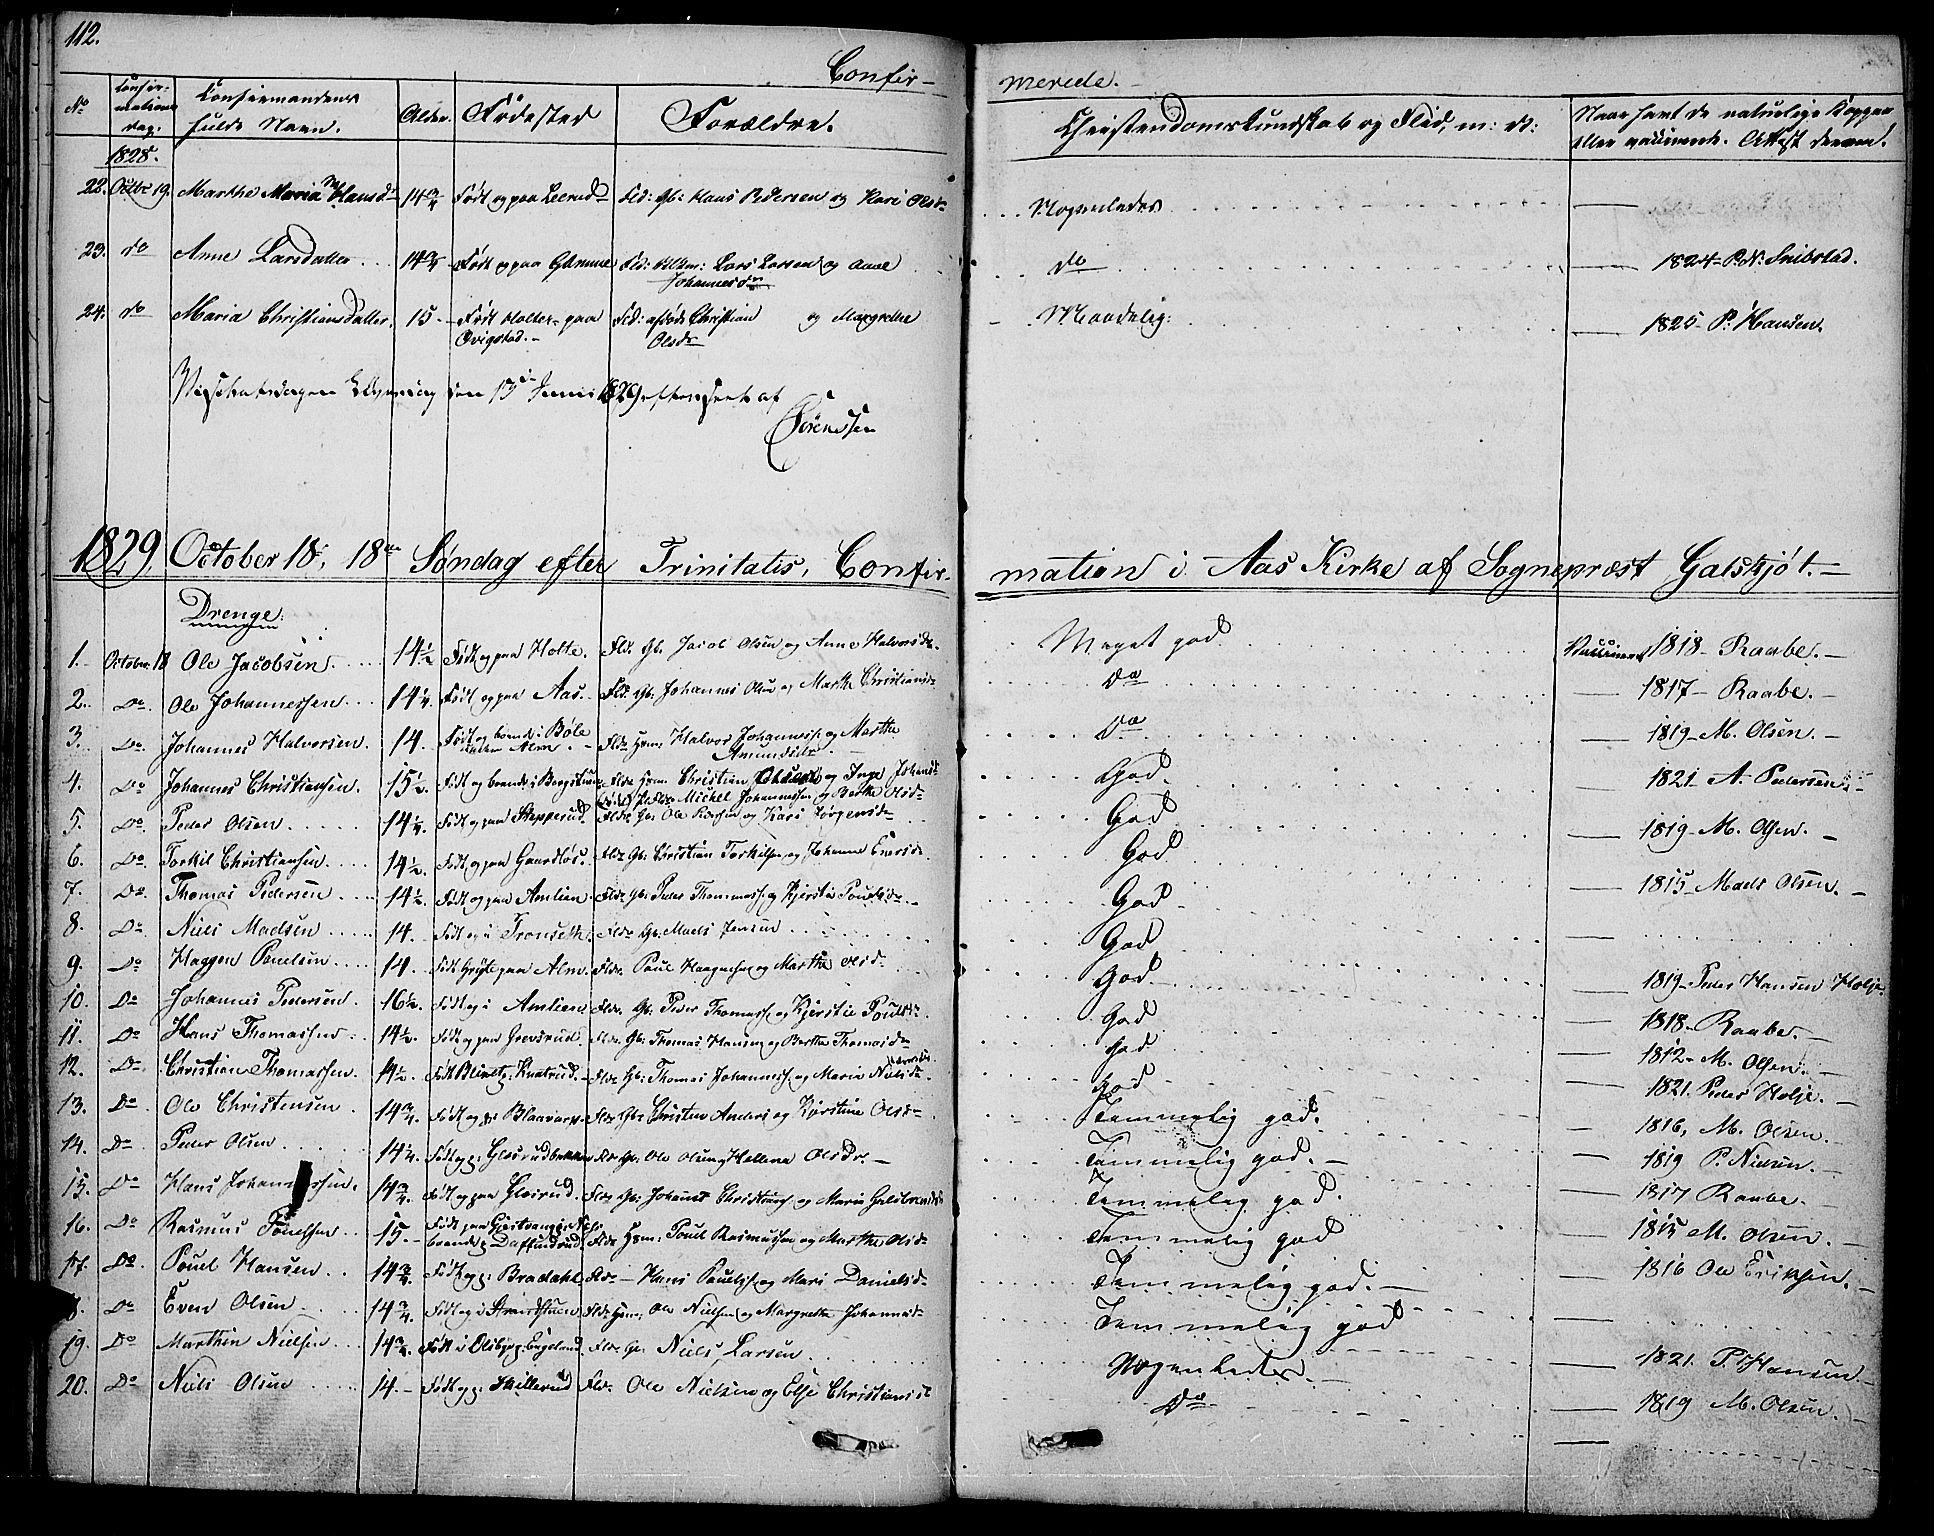 SAH, Vestre Toten prestekontor, Ministerialbok nr. 2, 1825-1837, s. 112